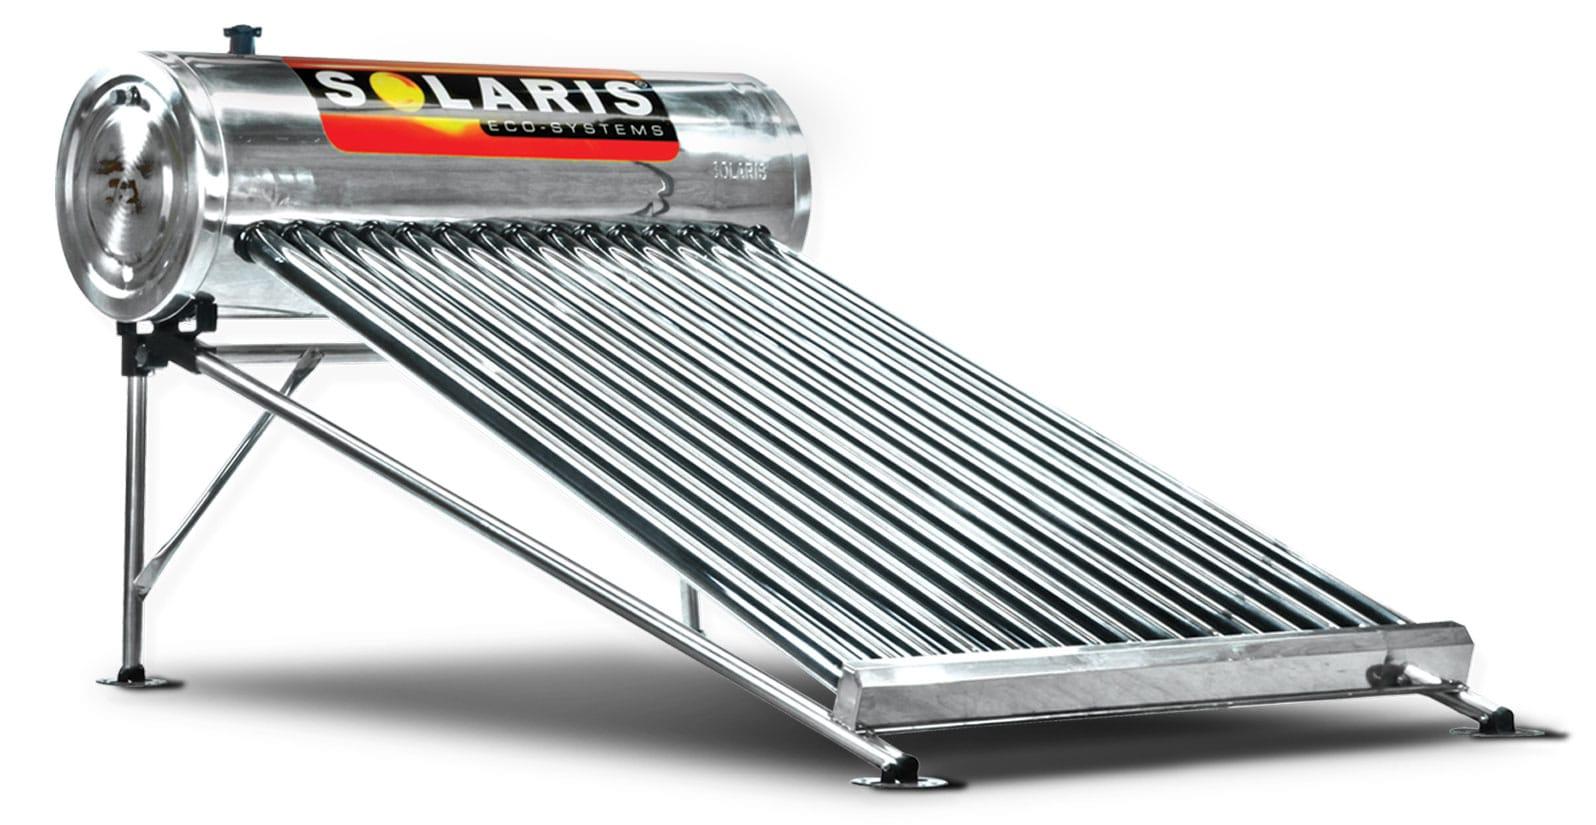 calentador-solar-solaris-para-5-personas-inoxidables-precio-calentador solar para 5